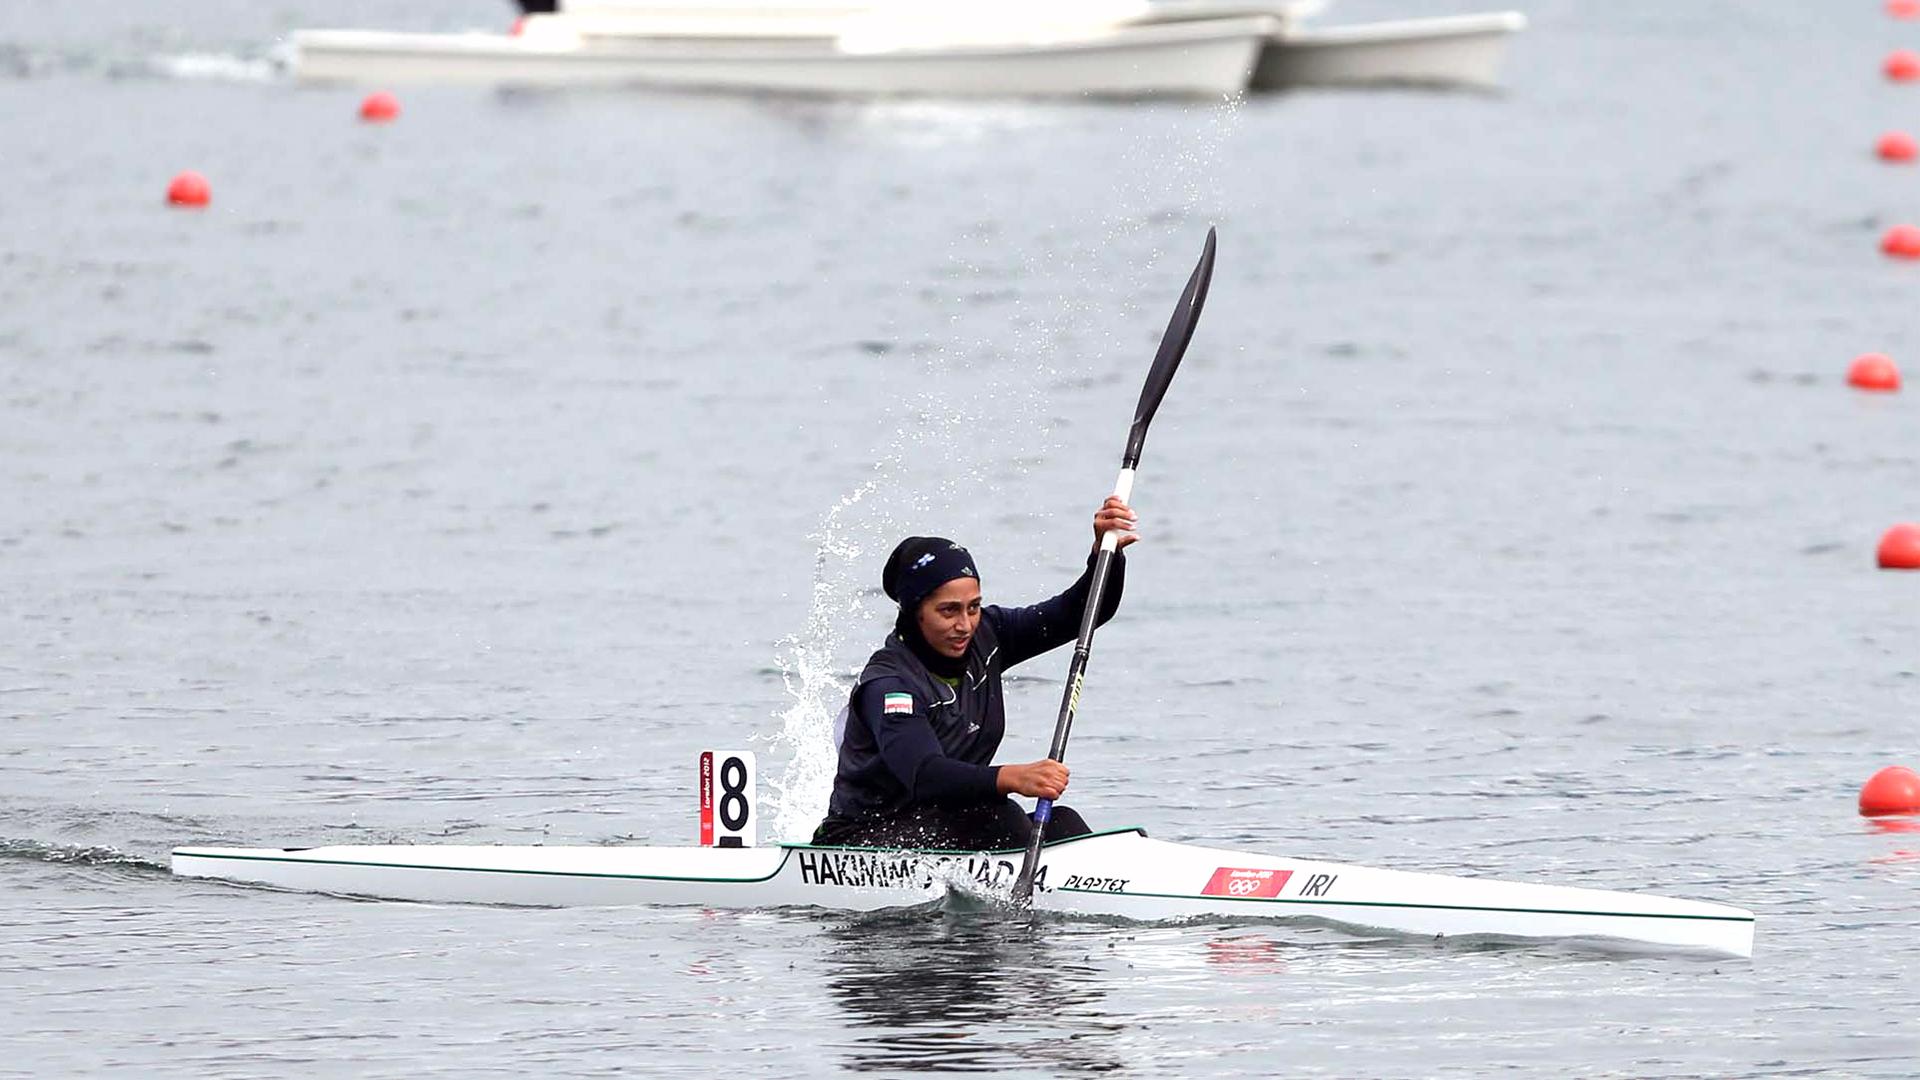 آرزو حکیمی ملی پوش کایاک: تمام دغدغه ما رسیدن به المپیک است / قایقرانی حمایت شود نتایج درخشانی میگیرد